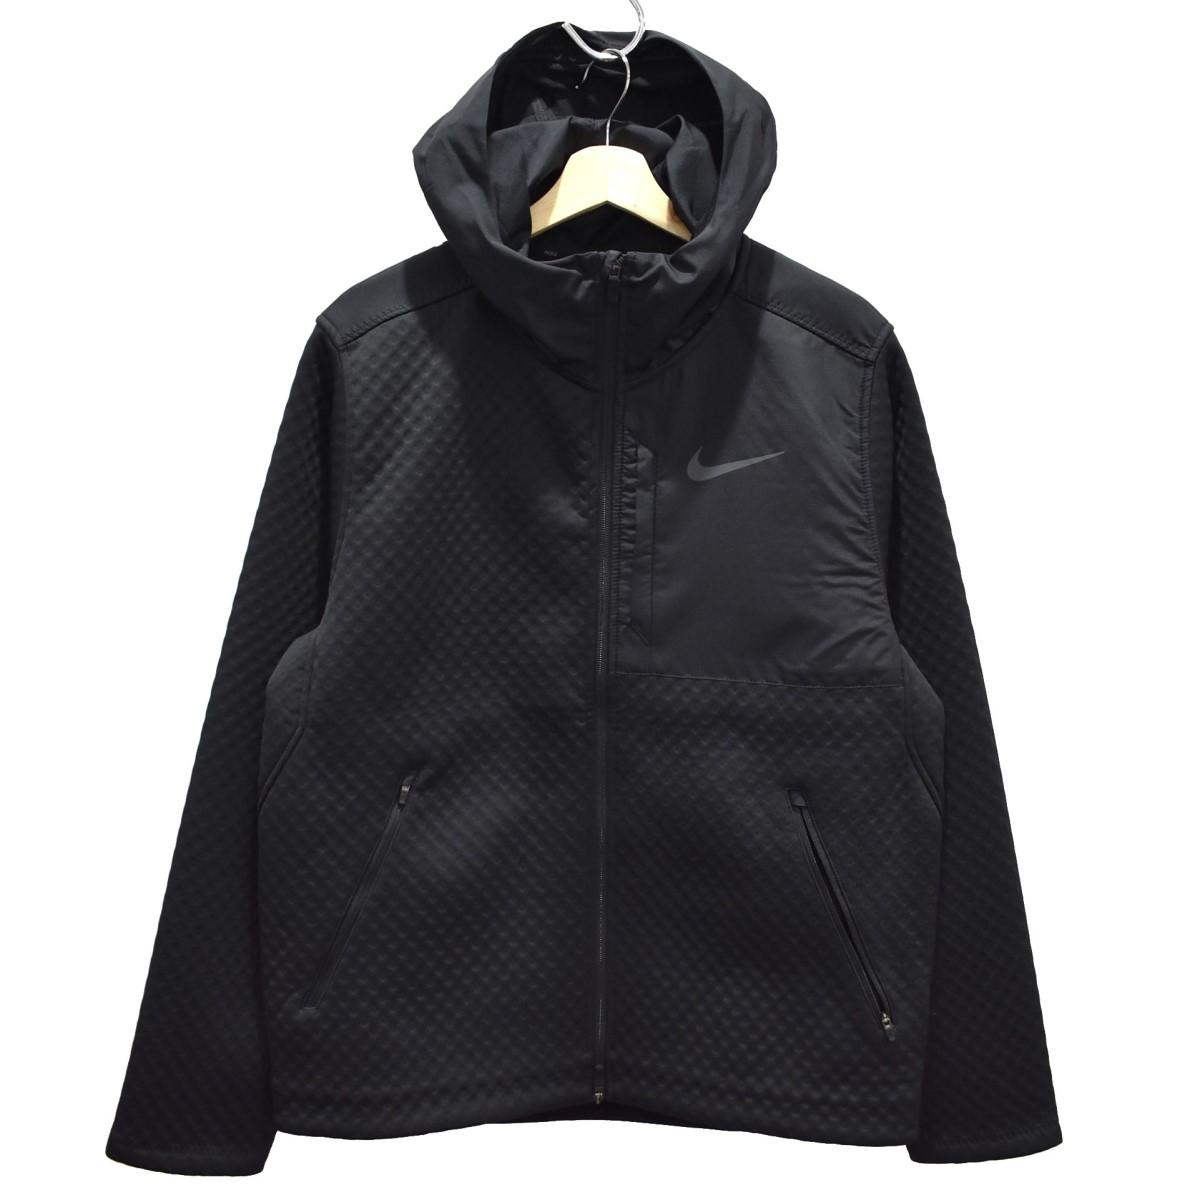 【中古】NIKE BV3999-011 20SS フルジップジャケット ブラック サイズ:XL 【040520】(ナイキ)